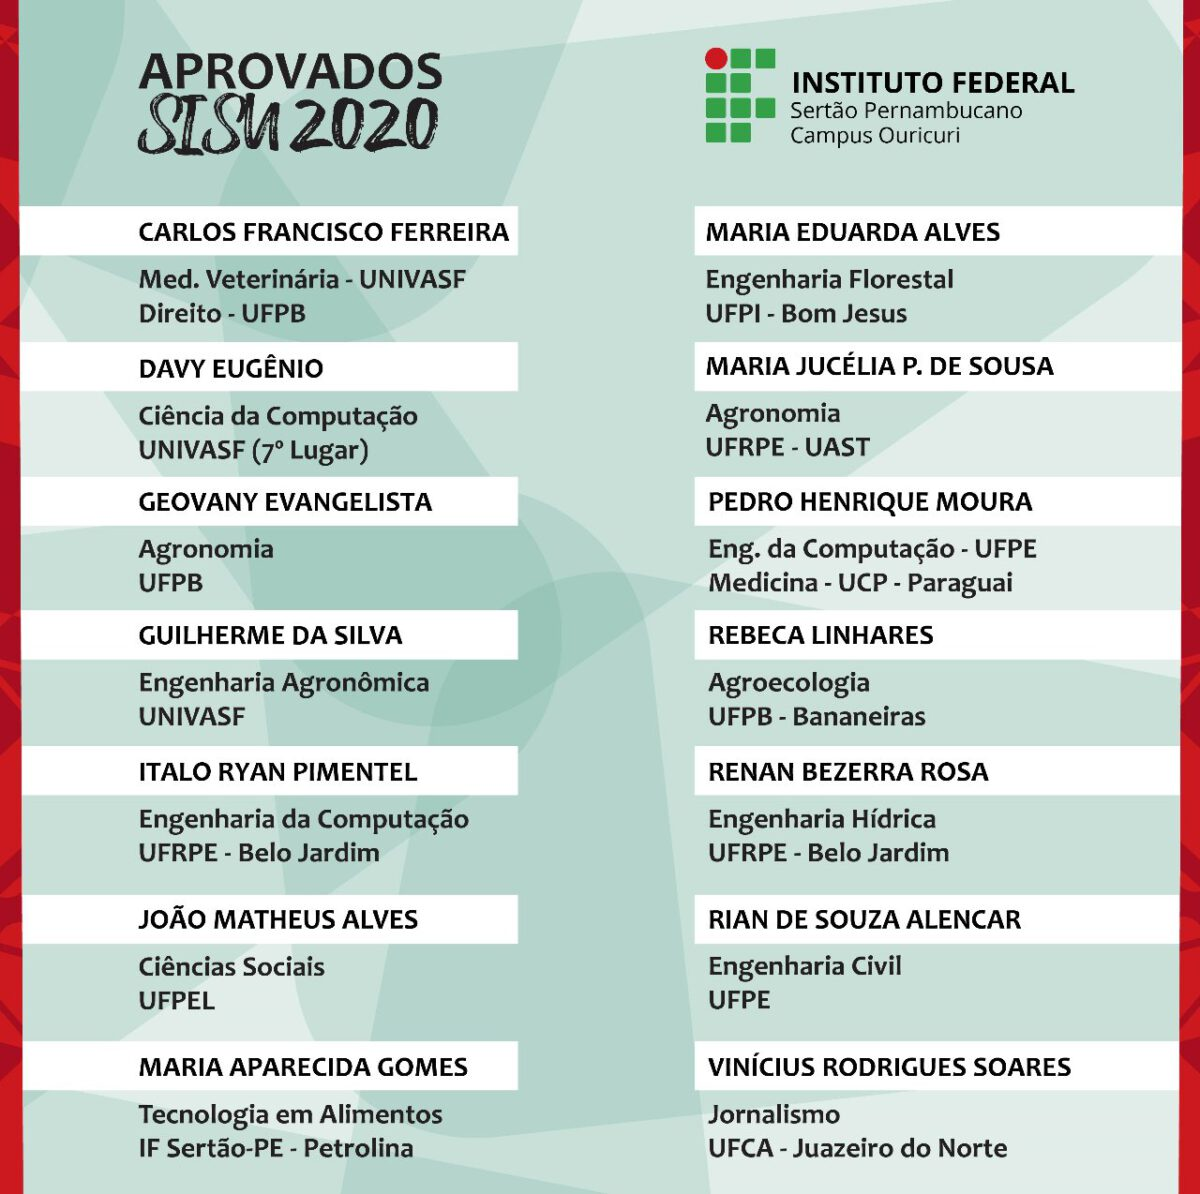 ALUNOS DO CAMPUS OURICURI FORAM APROVADOS NO SISU2020